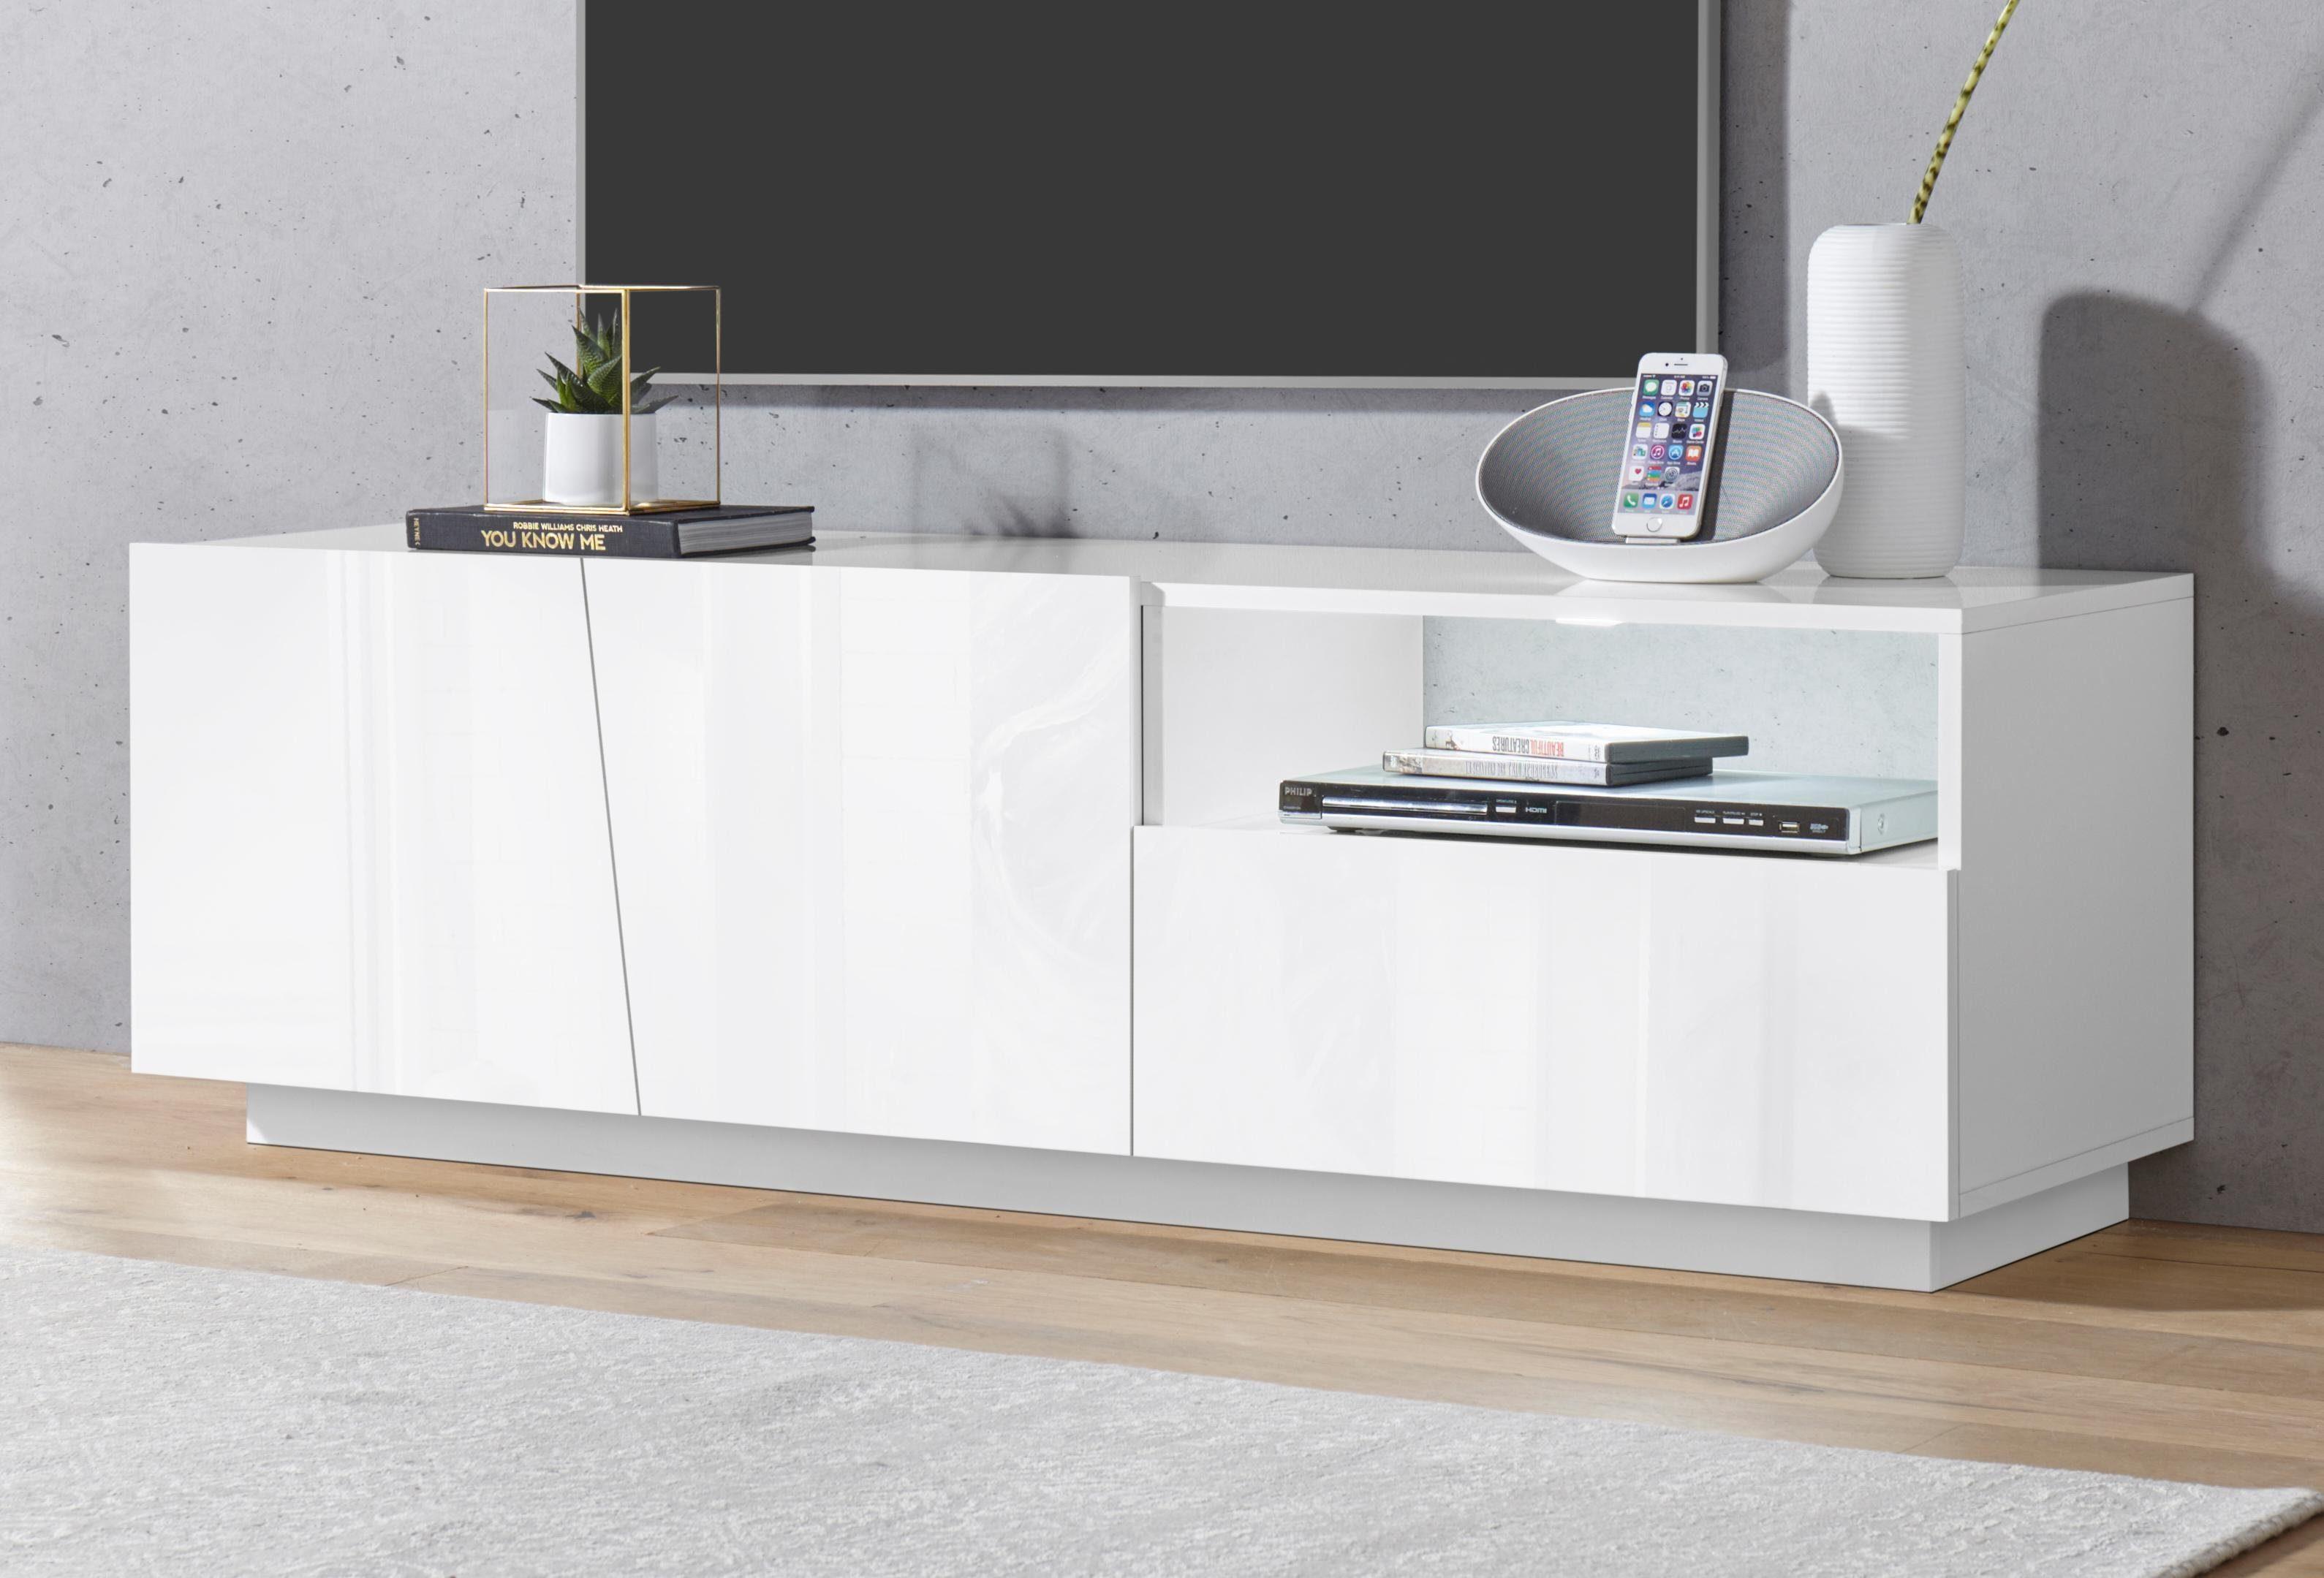 Tecnos Lowboard Vega Breite 150 Cm 2 Turen Online Kaufen Otto